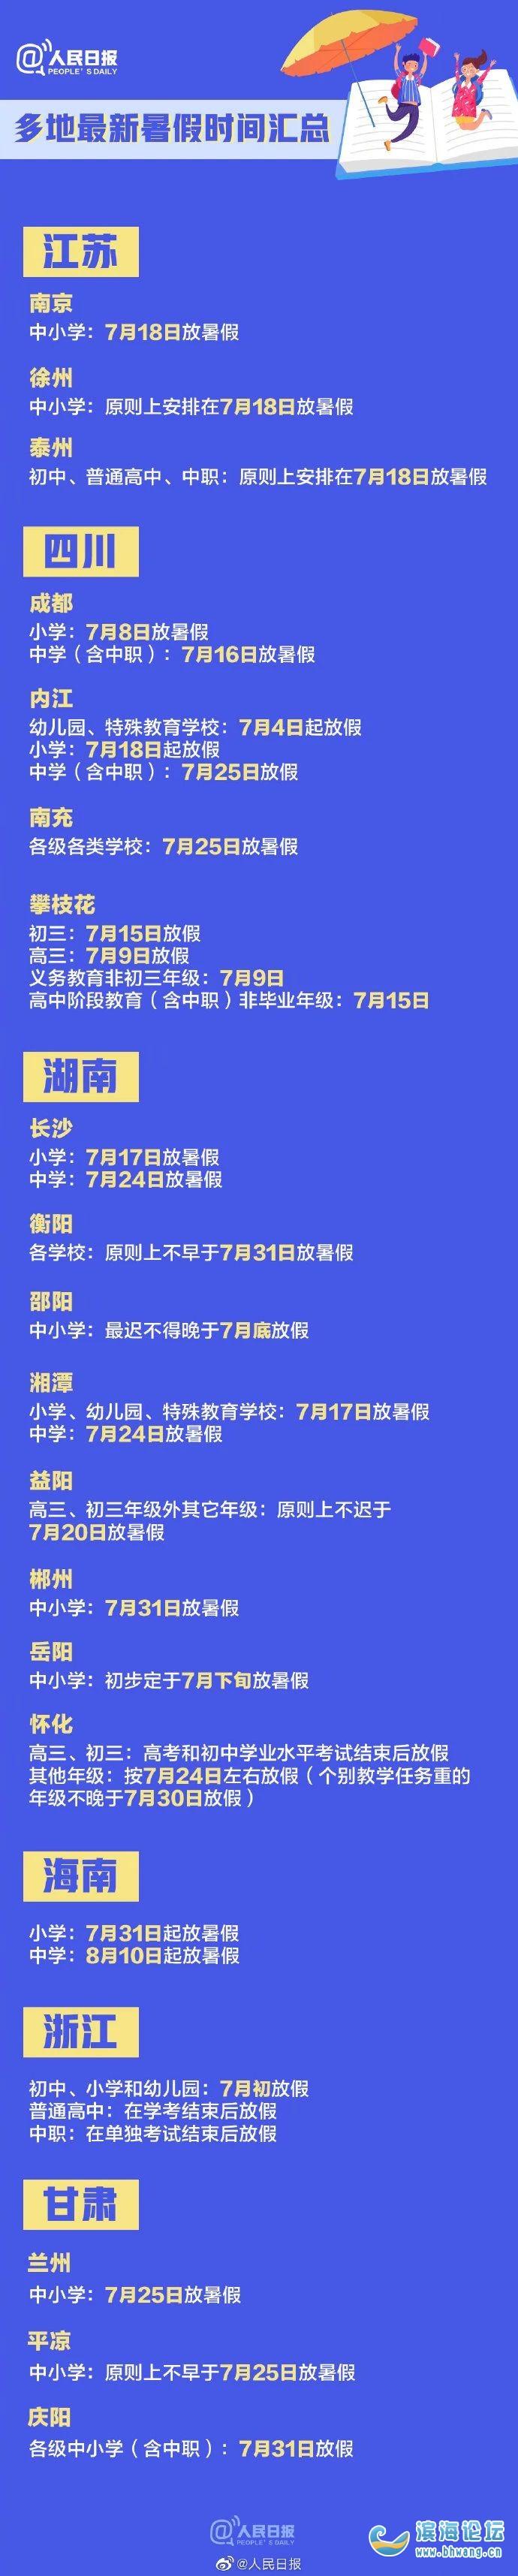 @滨海人,今年暑假最少不足10天?多地公布放假时间